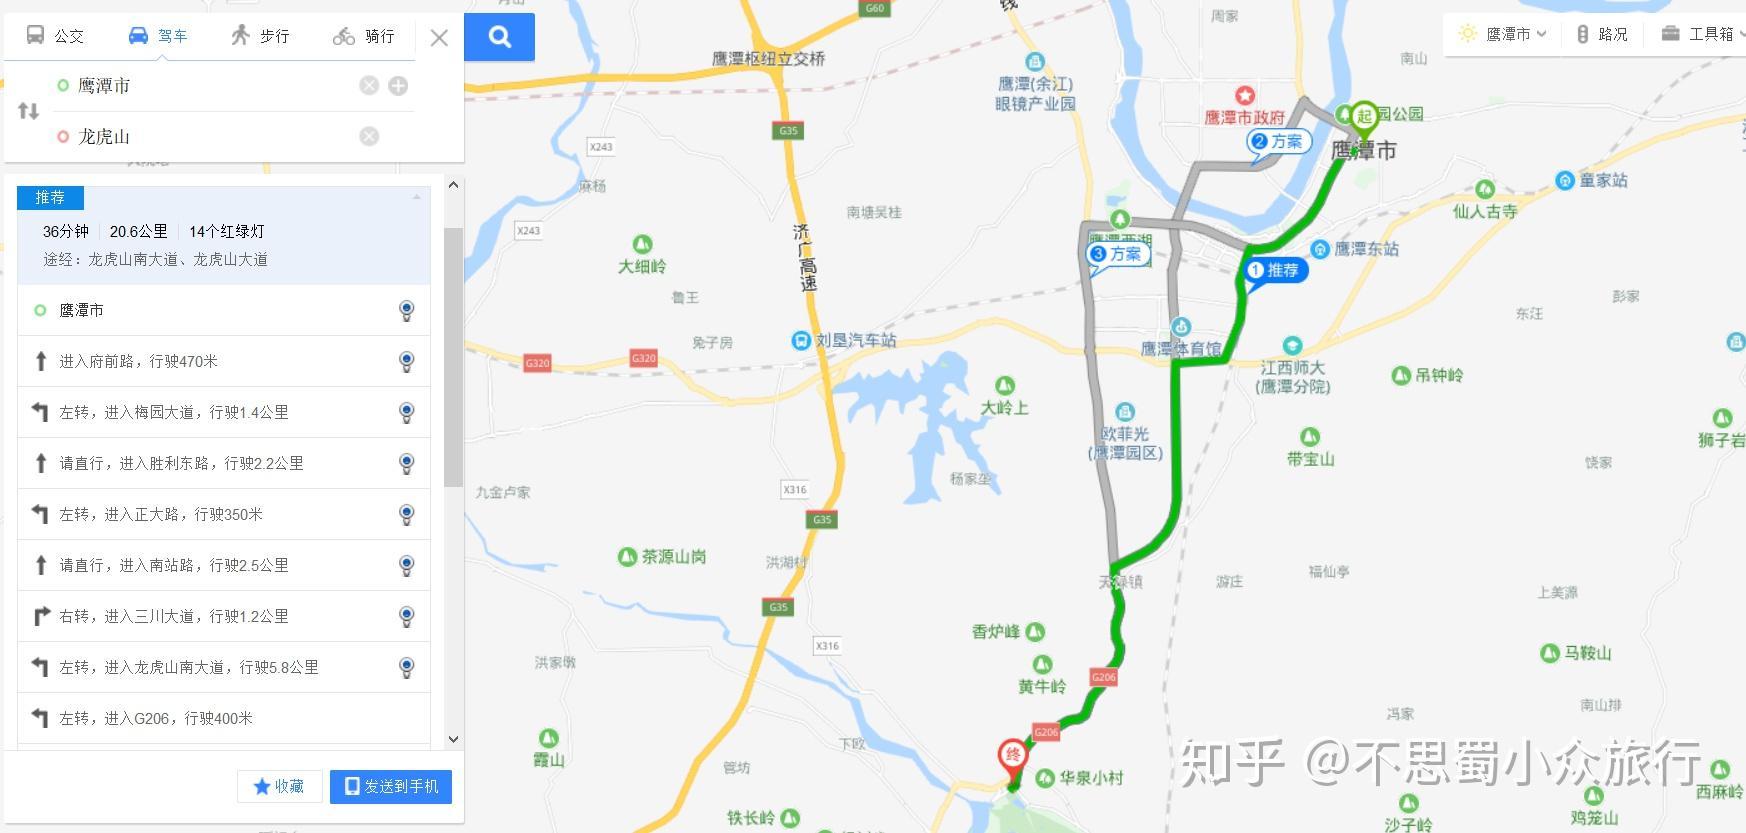 鹰潭市区有多少人口_5张地形图,快速了解江西省鹰潭各市辖区市